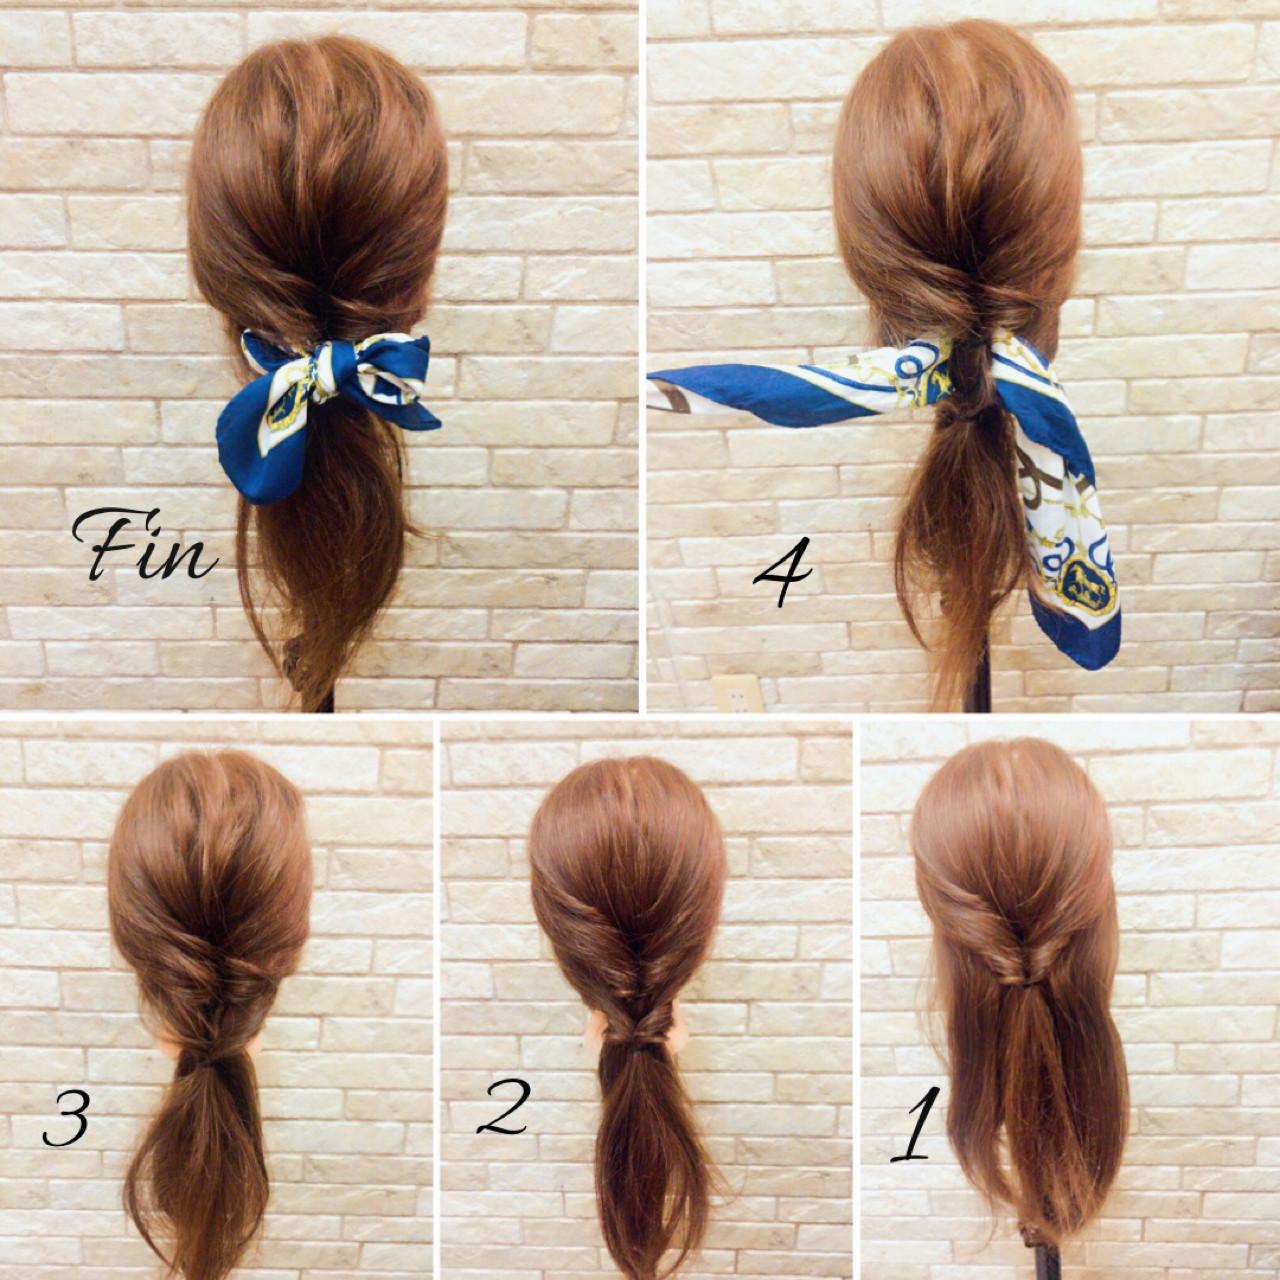 ヘアアクセ 簡単ヘアアレンジ ナチュラル ヘアアレンジ ヘアスタイルや髪型の写真・画像